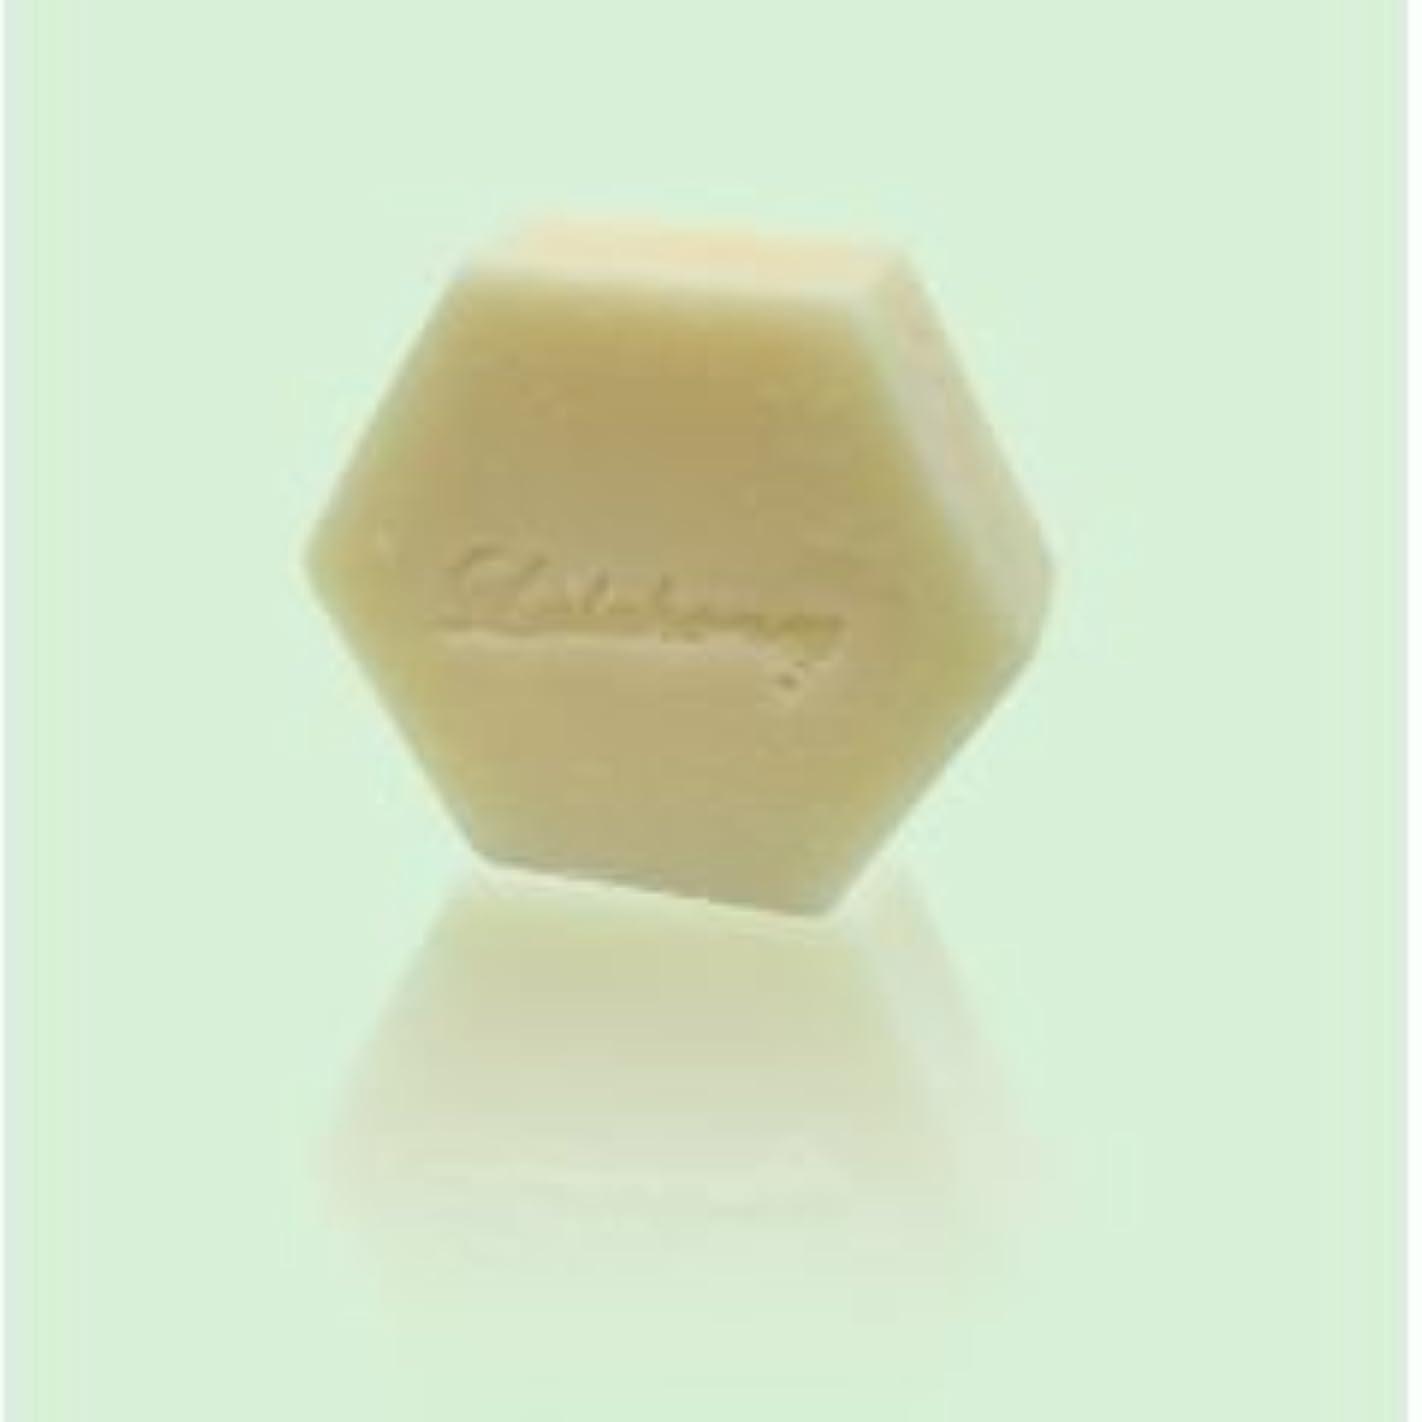 言及する繊毛ギャップLALAHONEY ローヤルゼリー石鹸 90g【手作りでシンプルなコールドプロセス製法】